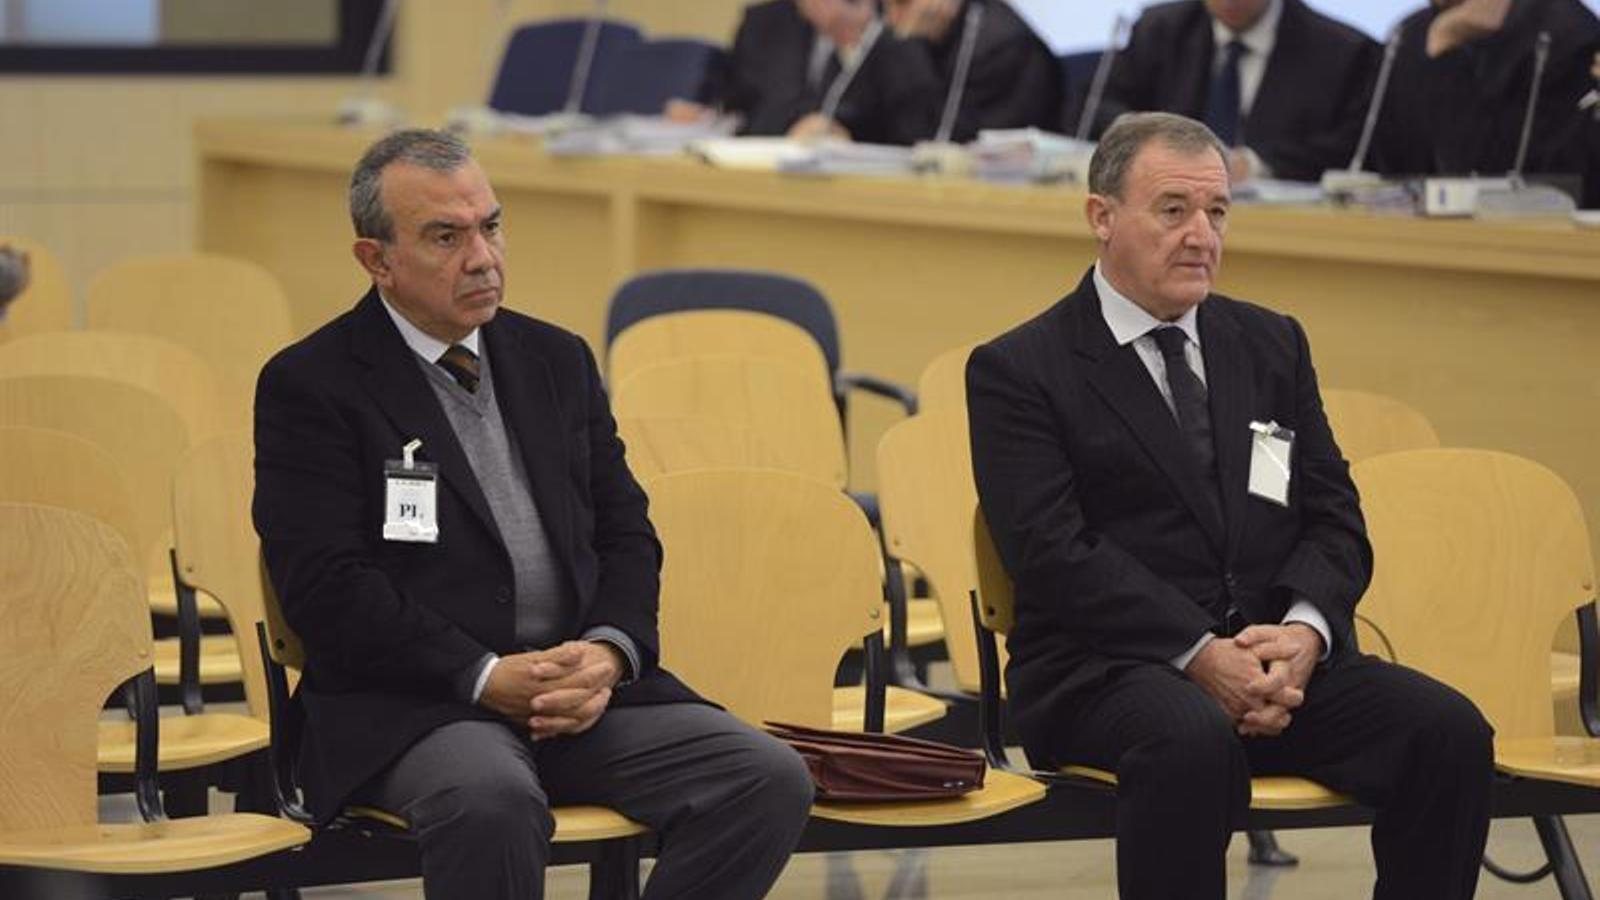 L'ex director general de la CAM Roberto López Abad i l'exdirectiu Juan Ramón Avilés durant el judici celebrat a l'Audiència Nacional. EFE